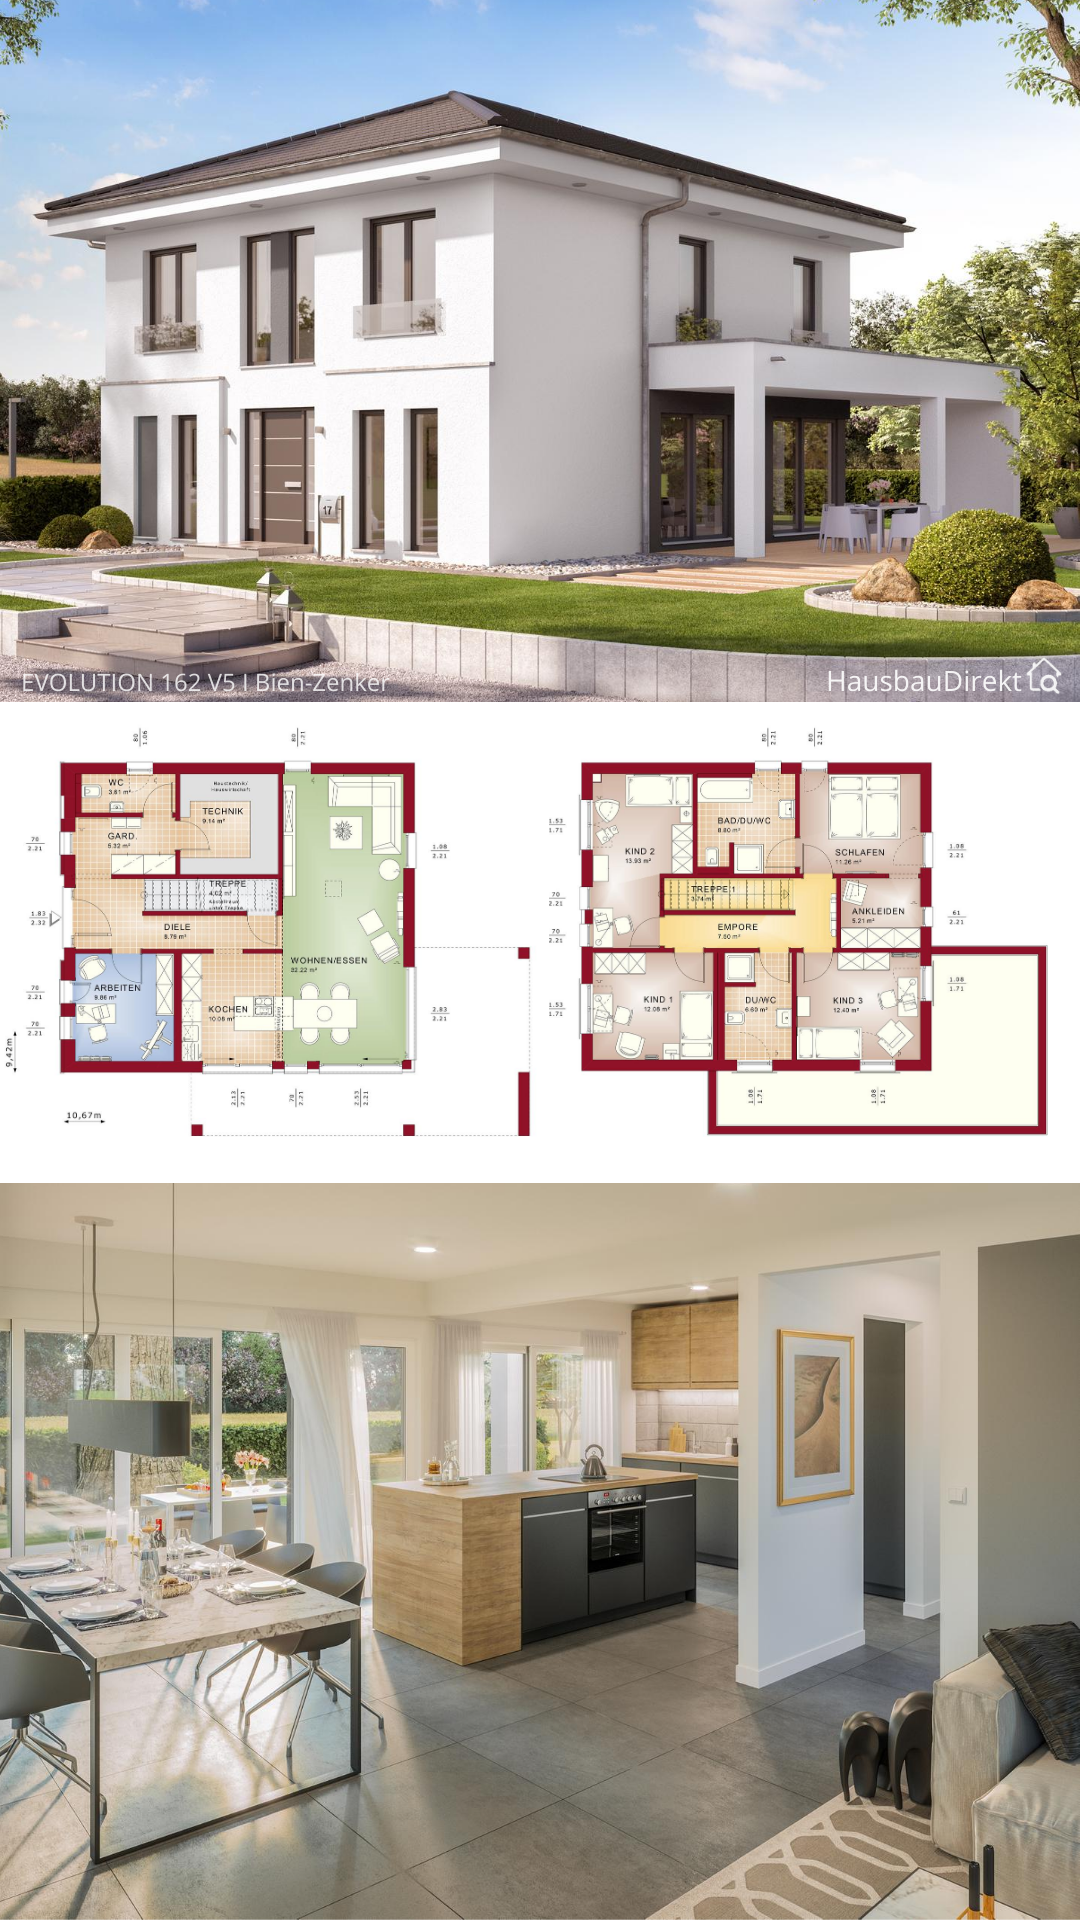 Moderne Stadtvilla weiss mit Walmdach & Putz Fassade bauen Haus Grundriss 160 qm gerade Treppe